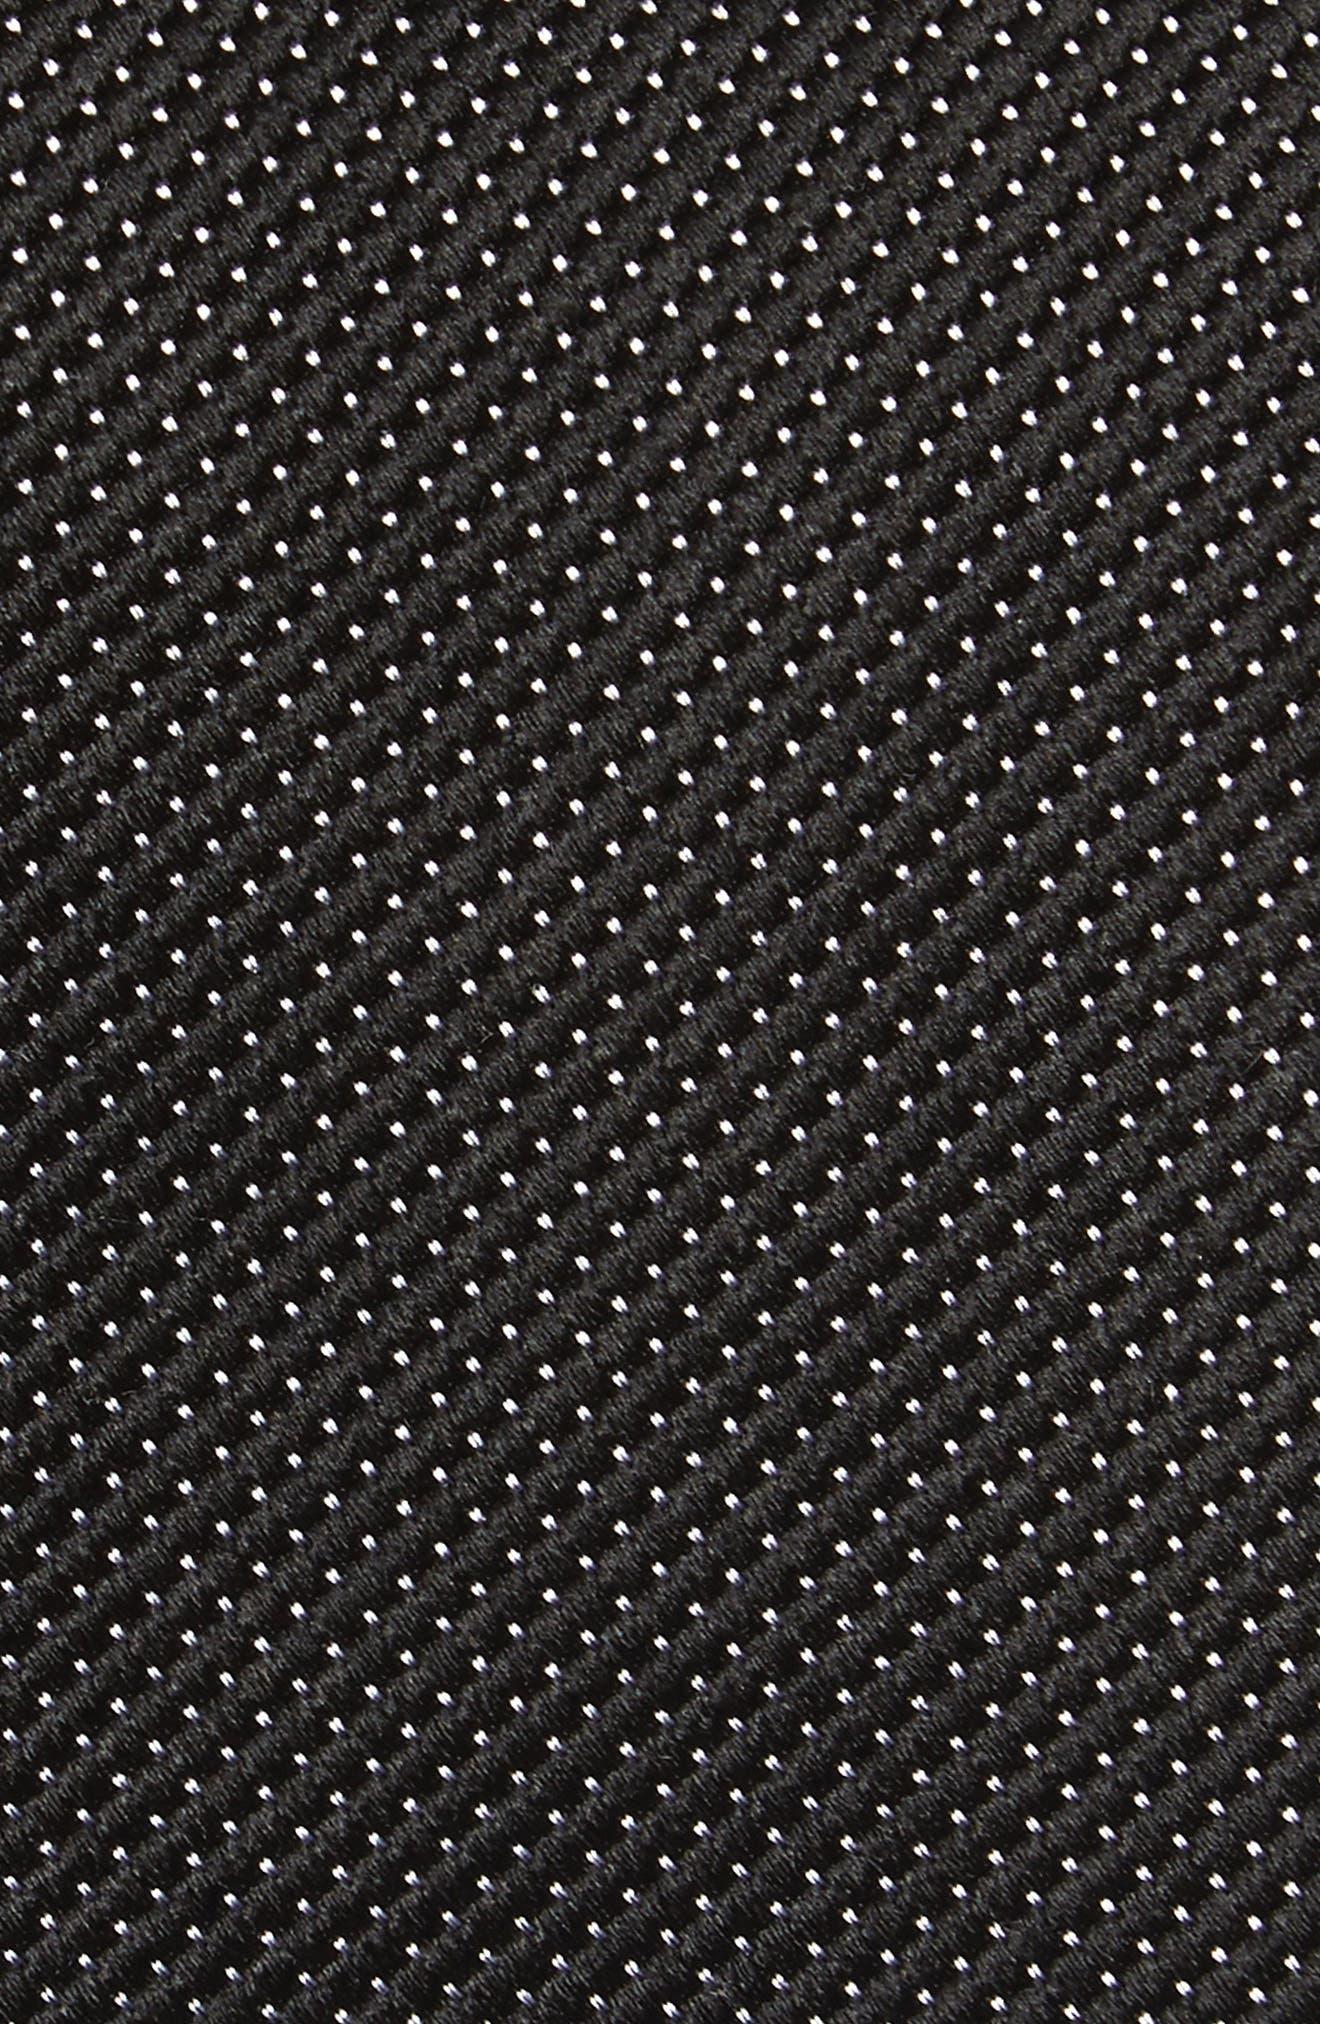 Vendôme Dot Silk Tie,                             Alternate thumbnail 2, color,                             BLACK